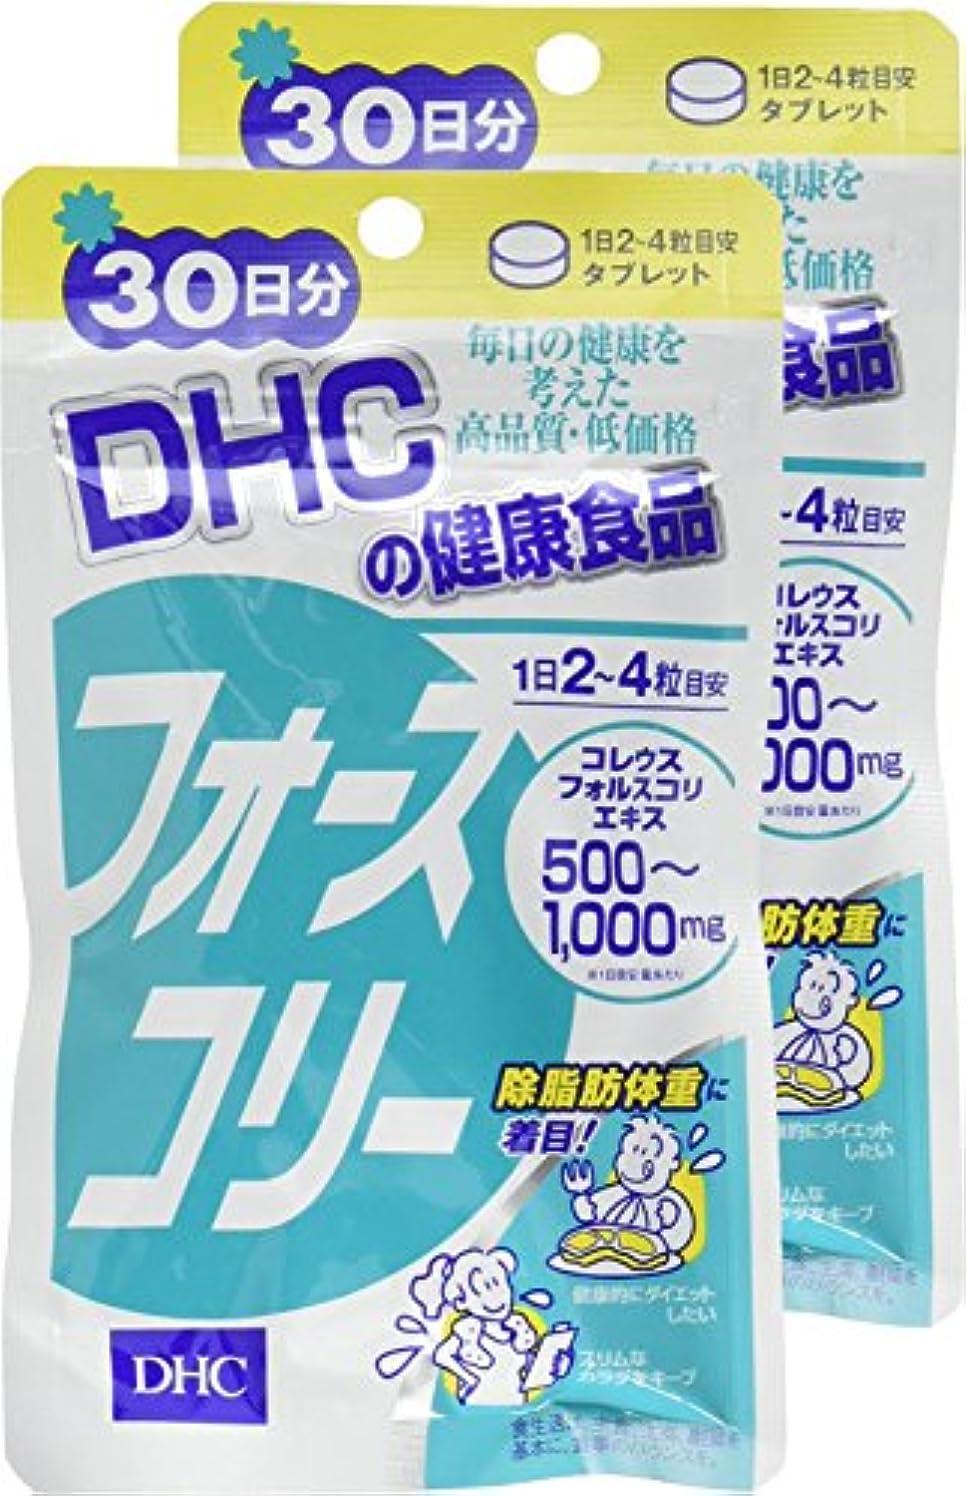 間祝福受取人DHC フォースコリー 30日分 120粒 ×2個セット